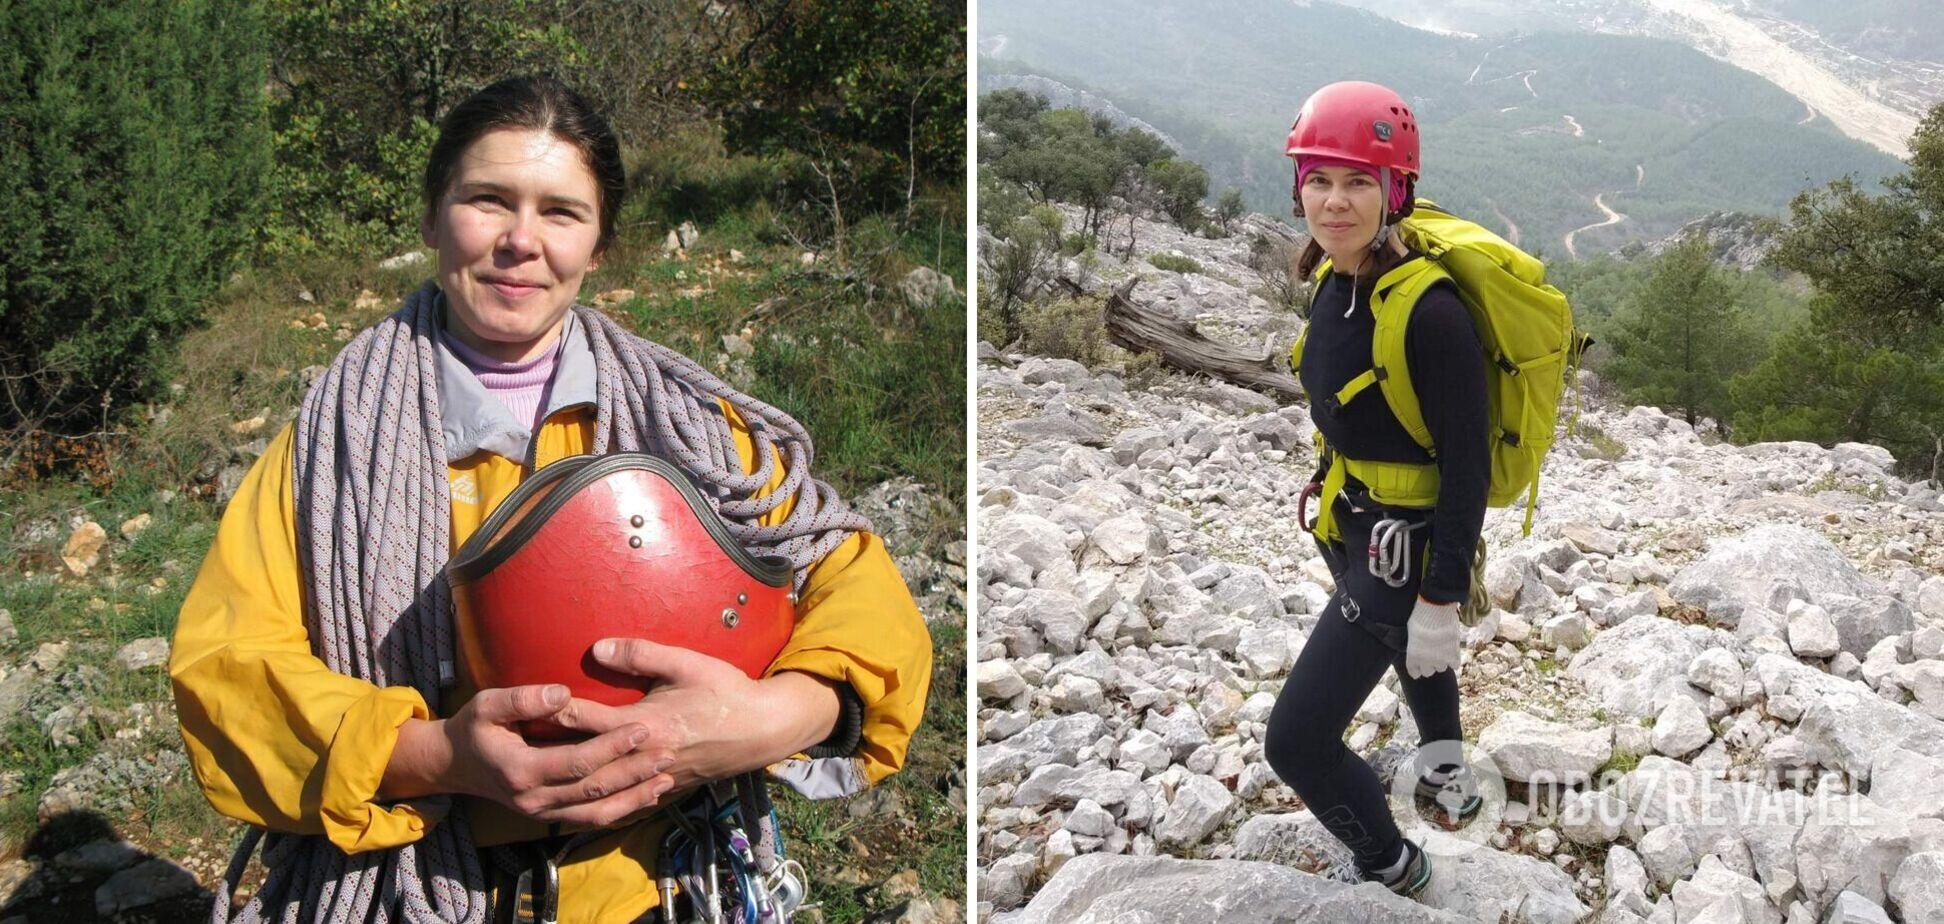 У горах Туреччини зникла українка: рідні підозрюють викрадення. Фото